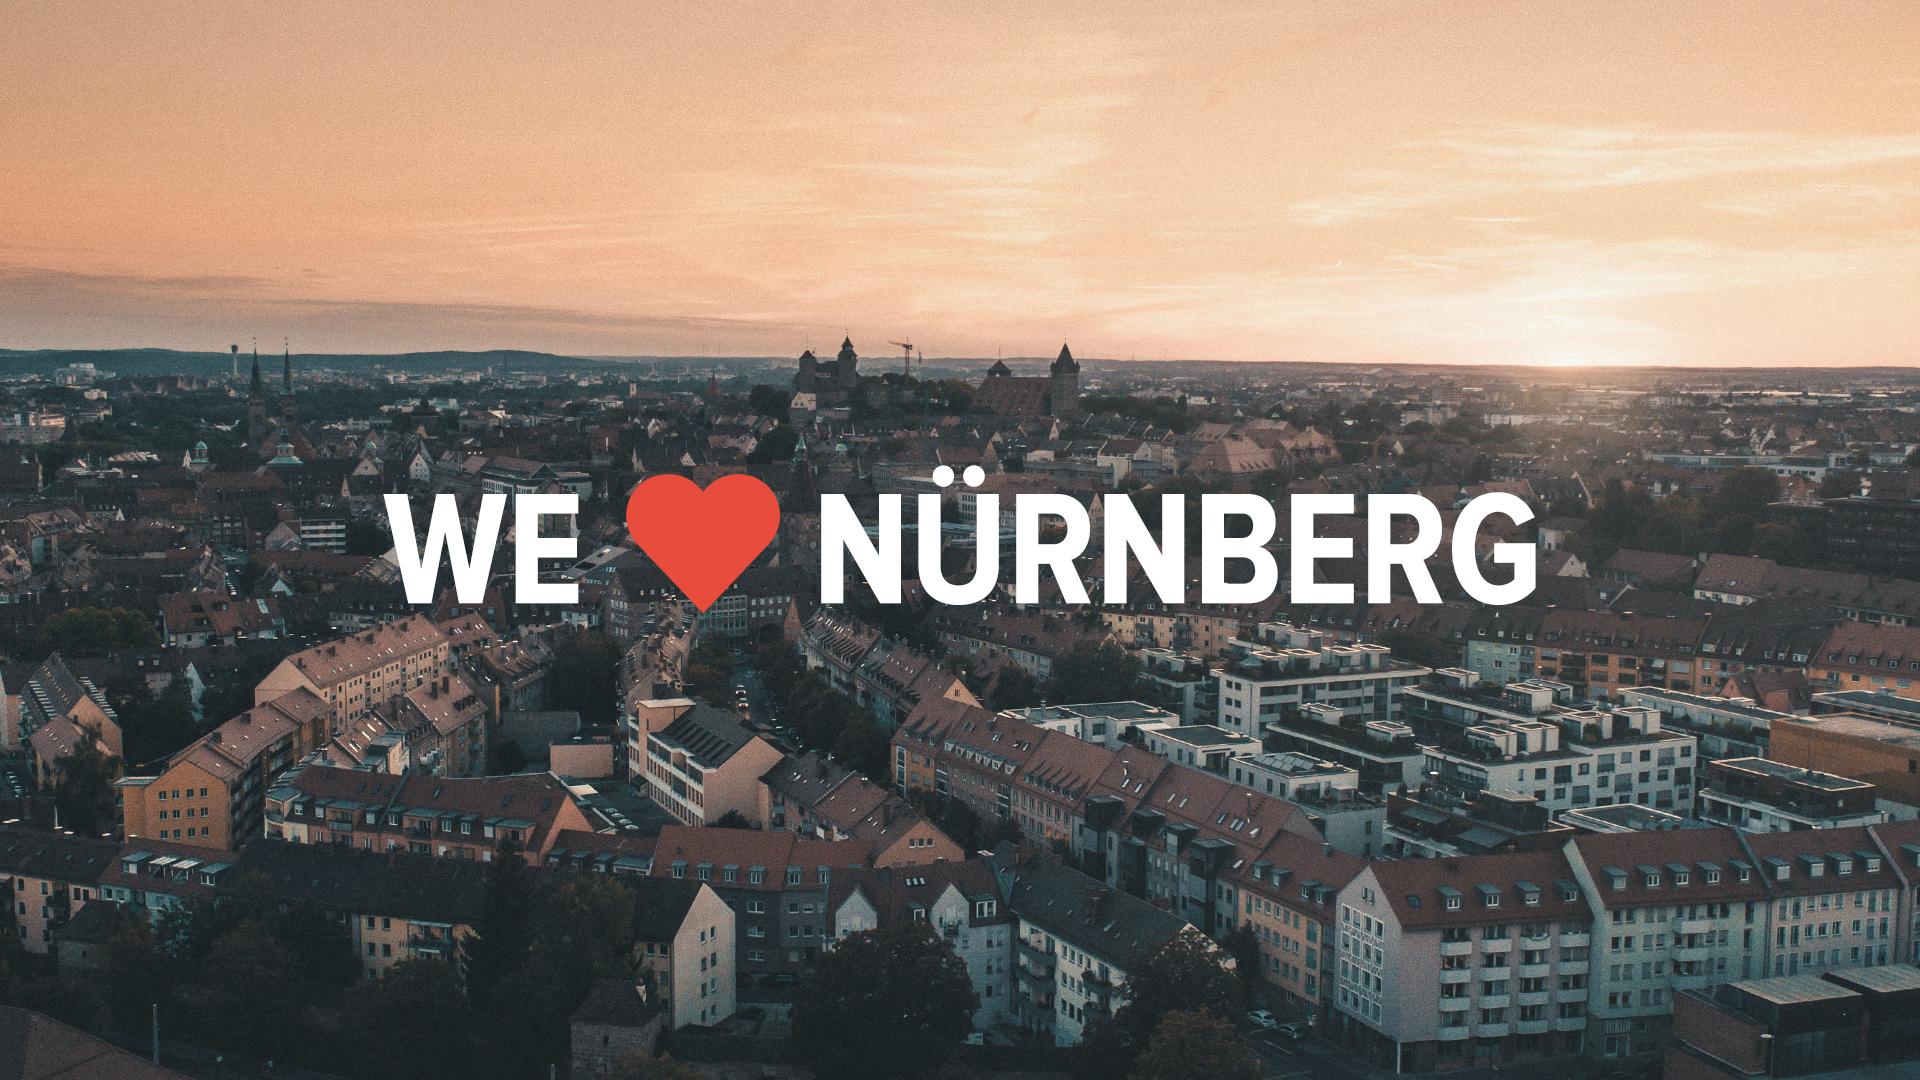 We love Nürnberg Imagefilm